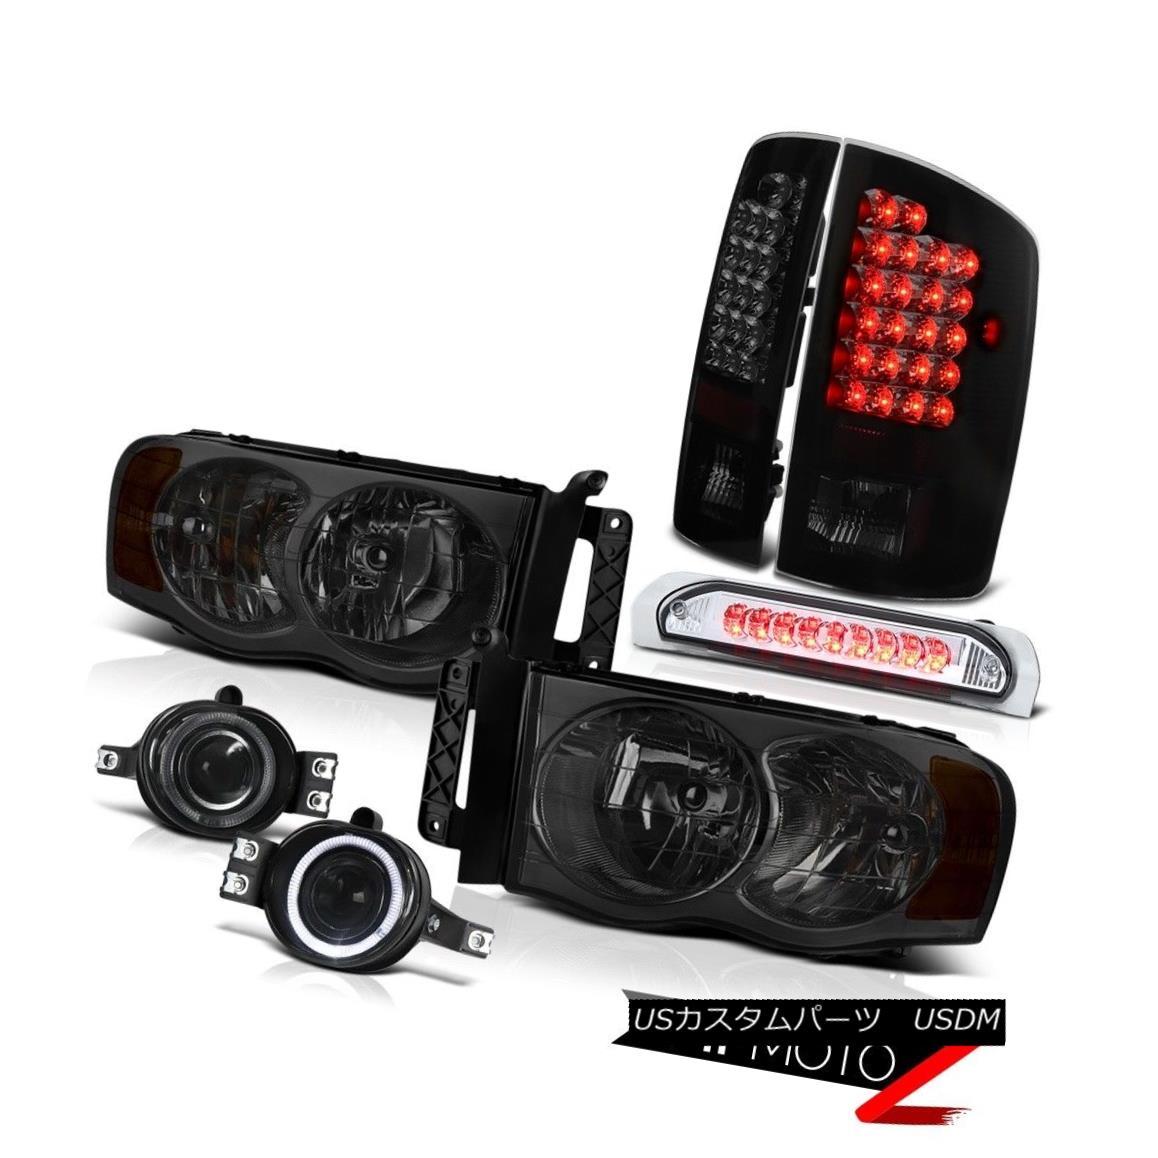 テールライト Dodge Ram 2500 Halo Headlamps+ Tail Lights+Driving Fog+LED Third Brake 2003-2005 ダッジラム2500ハローヘッドランプ&テールライト+ドライビングフォグ+ LEDサードブレーキ2003-2005